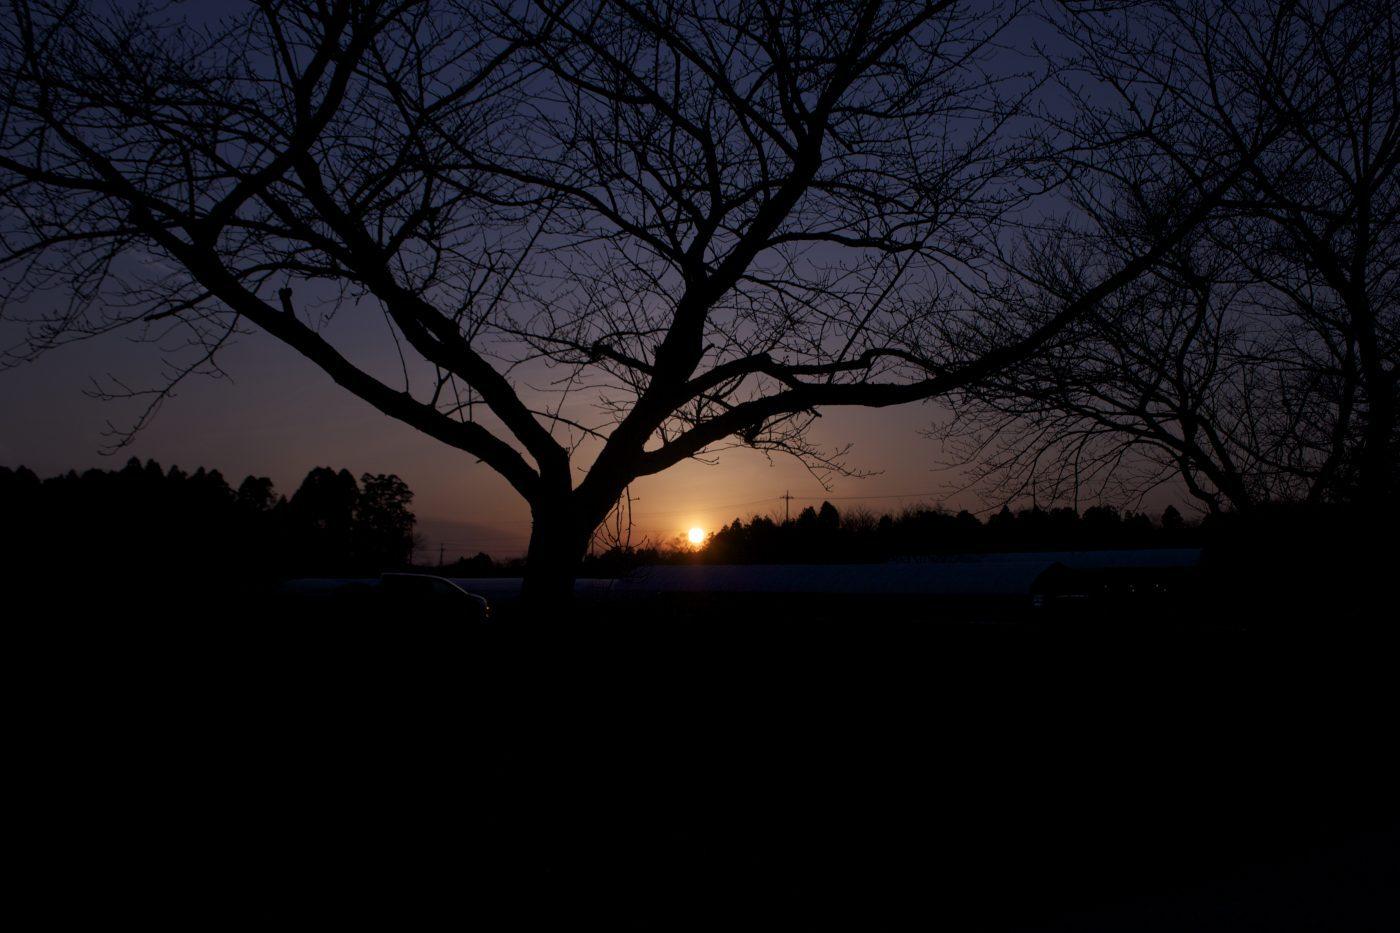 夕日が沈む様子を眺めて時間を感じる